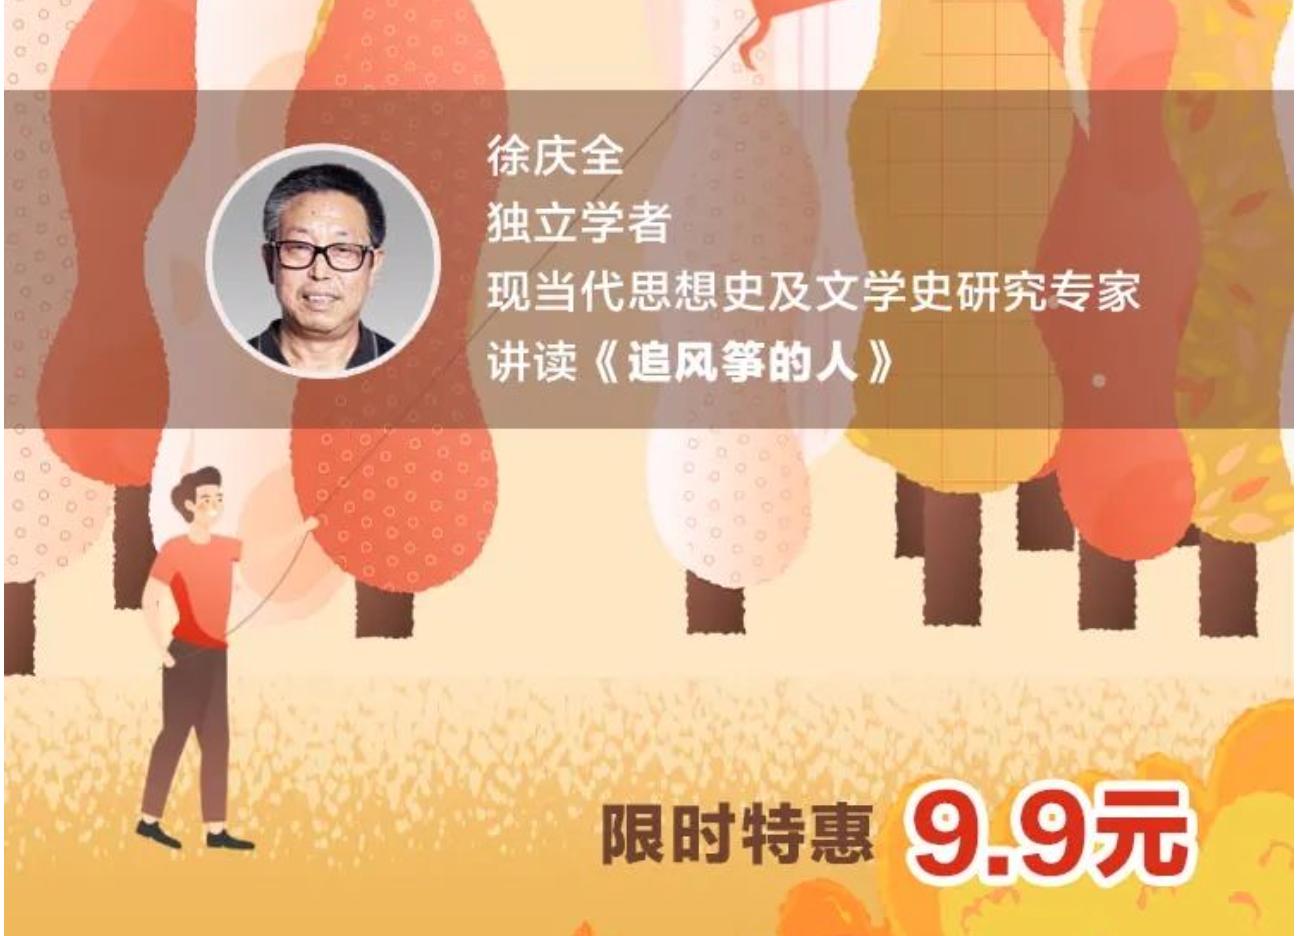 知鸦导读:徐庆全带您品读经典——《追风筝的人》